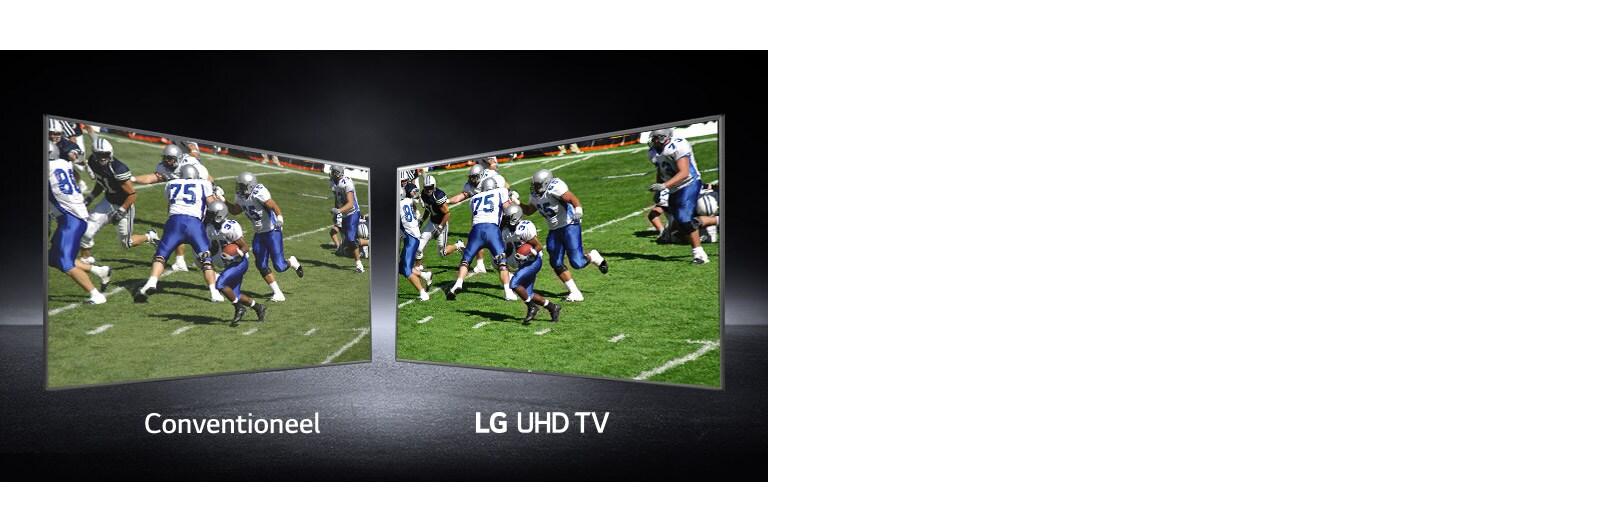 Een foto van spelers die op een voetbalveld spelen, getoond bij aanzichten. Een op een conventioneel scherm en een op een UHD-tv.